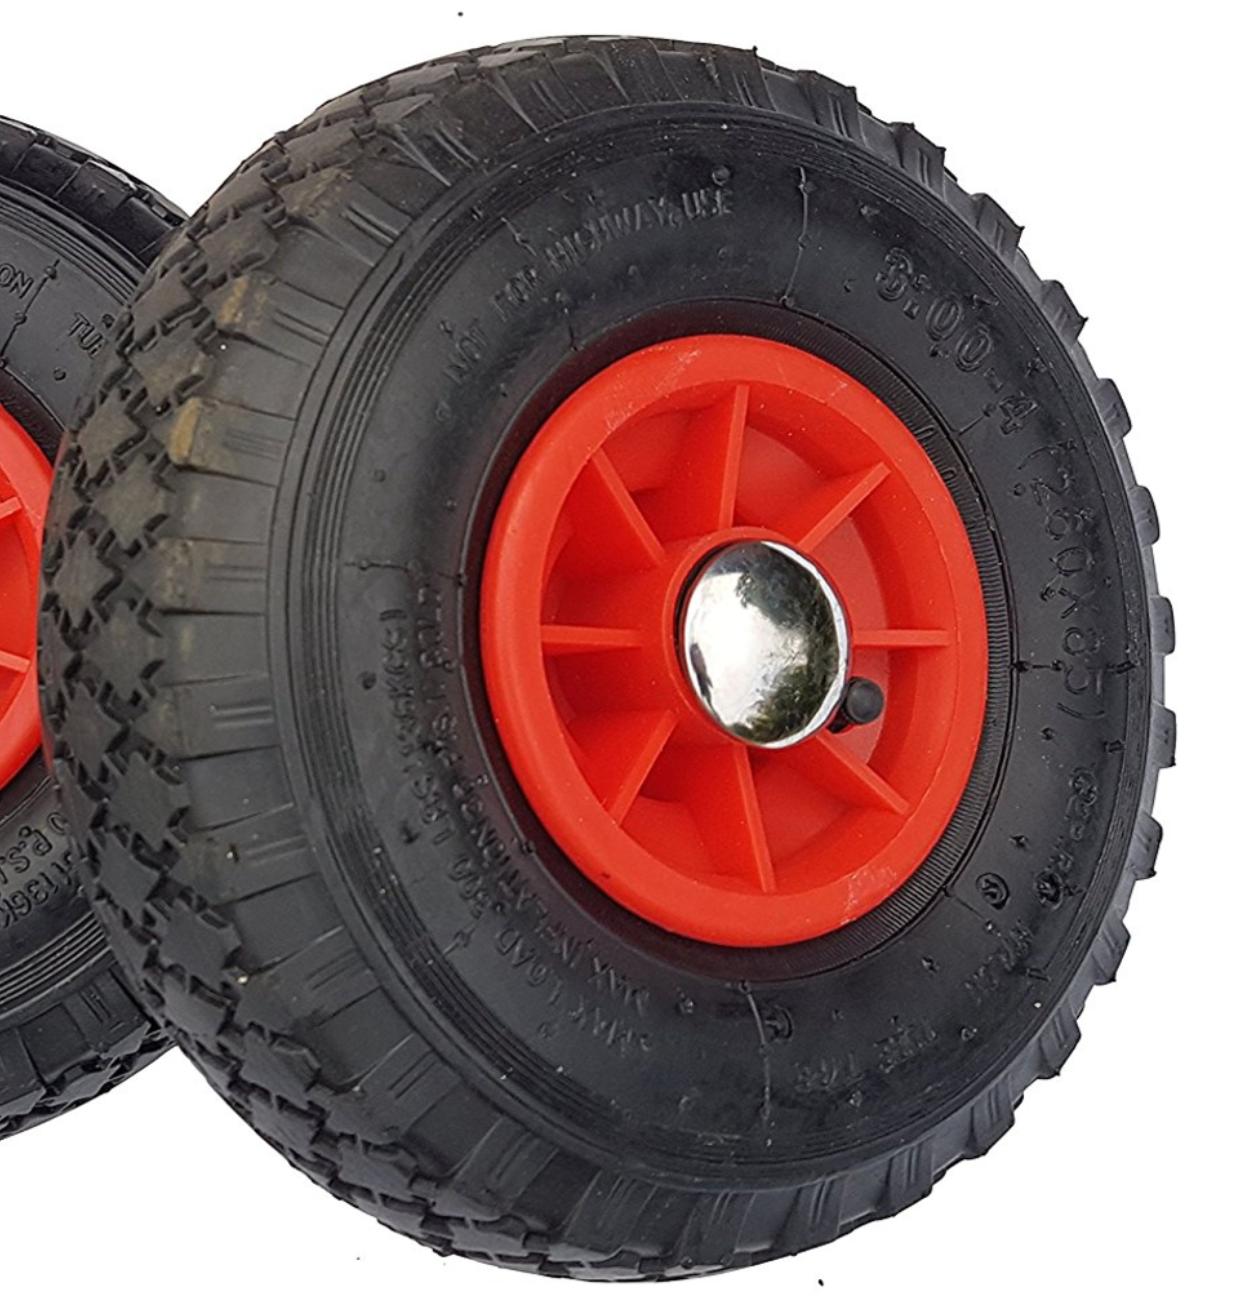 Ersatzrad Nabe 8mm/8mm - Rad für Bollerwagen oder Sackkarre mit  Achsstopfen